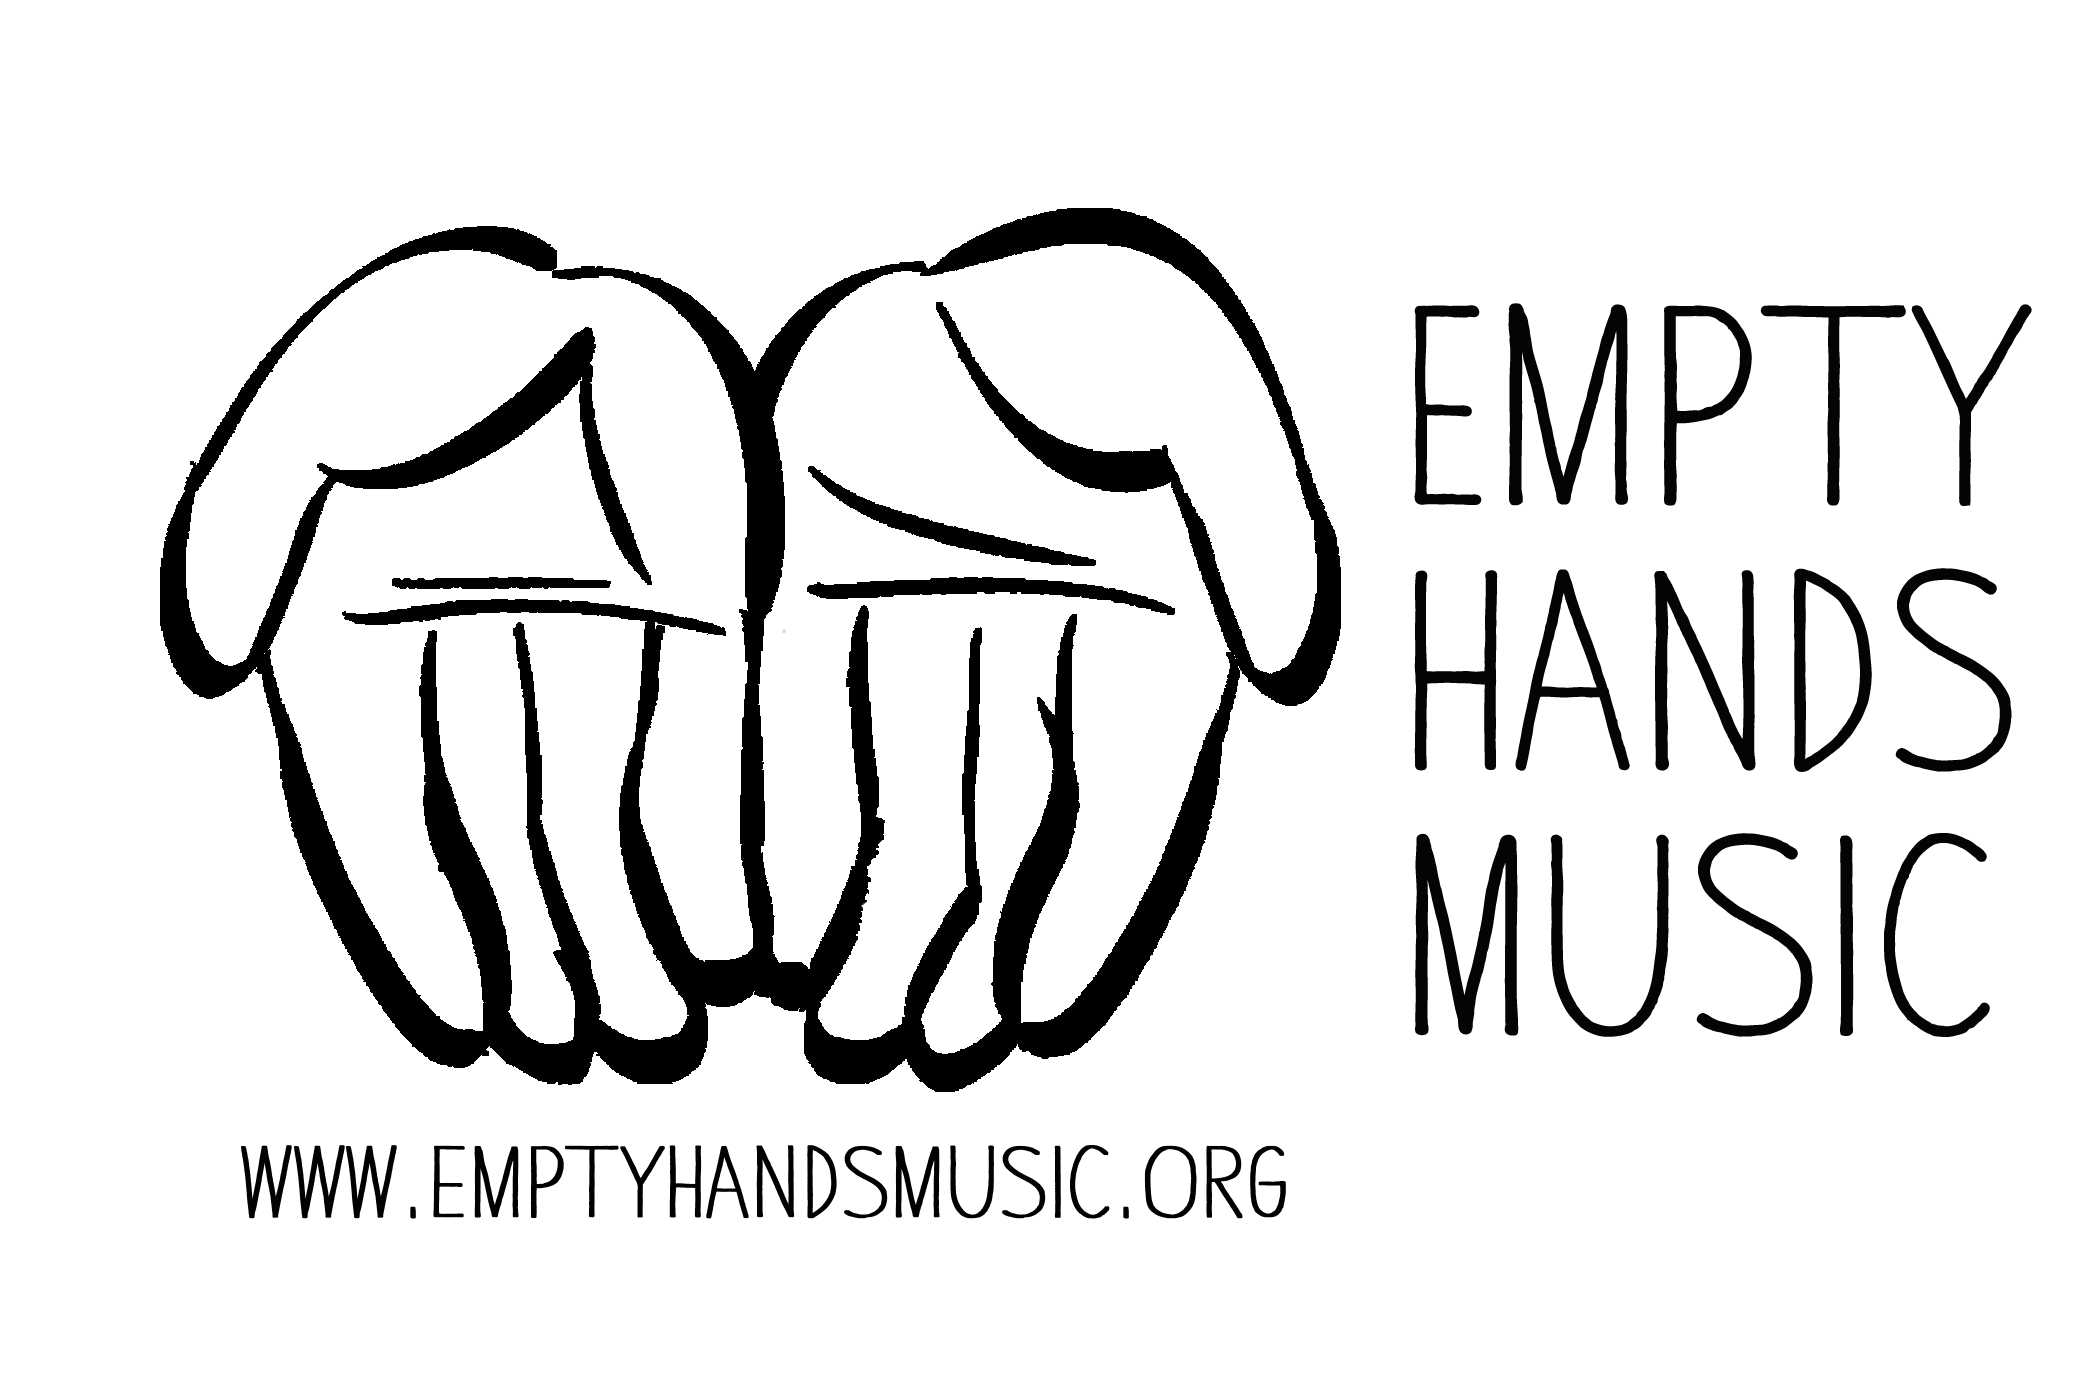 FINAL_HANDS_V1-black-v2-org.png